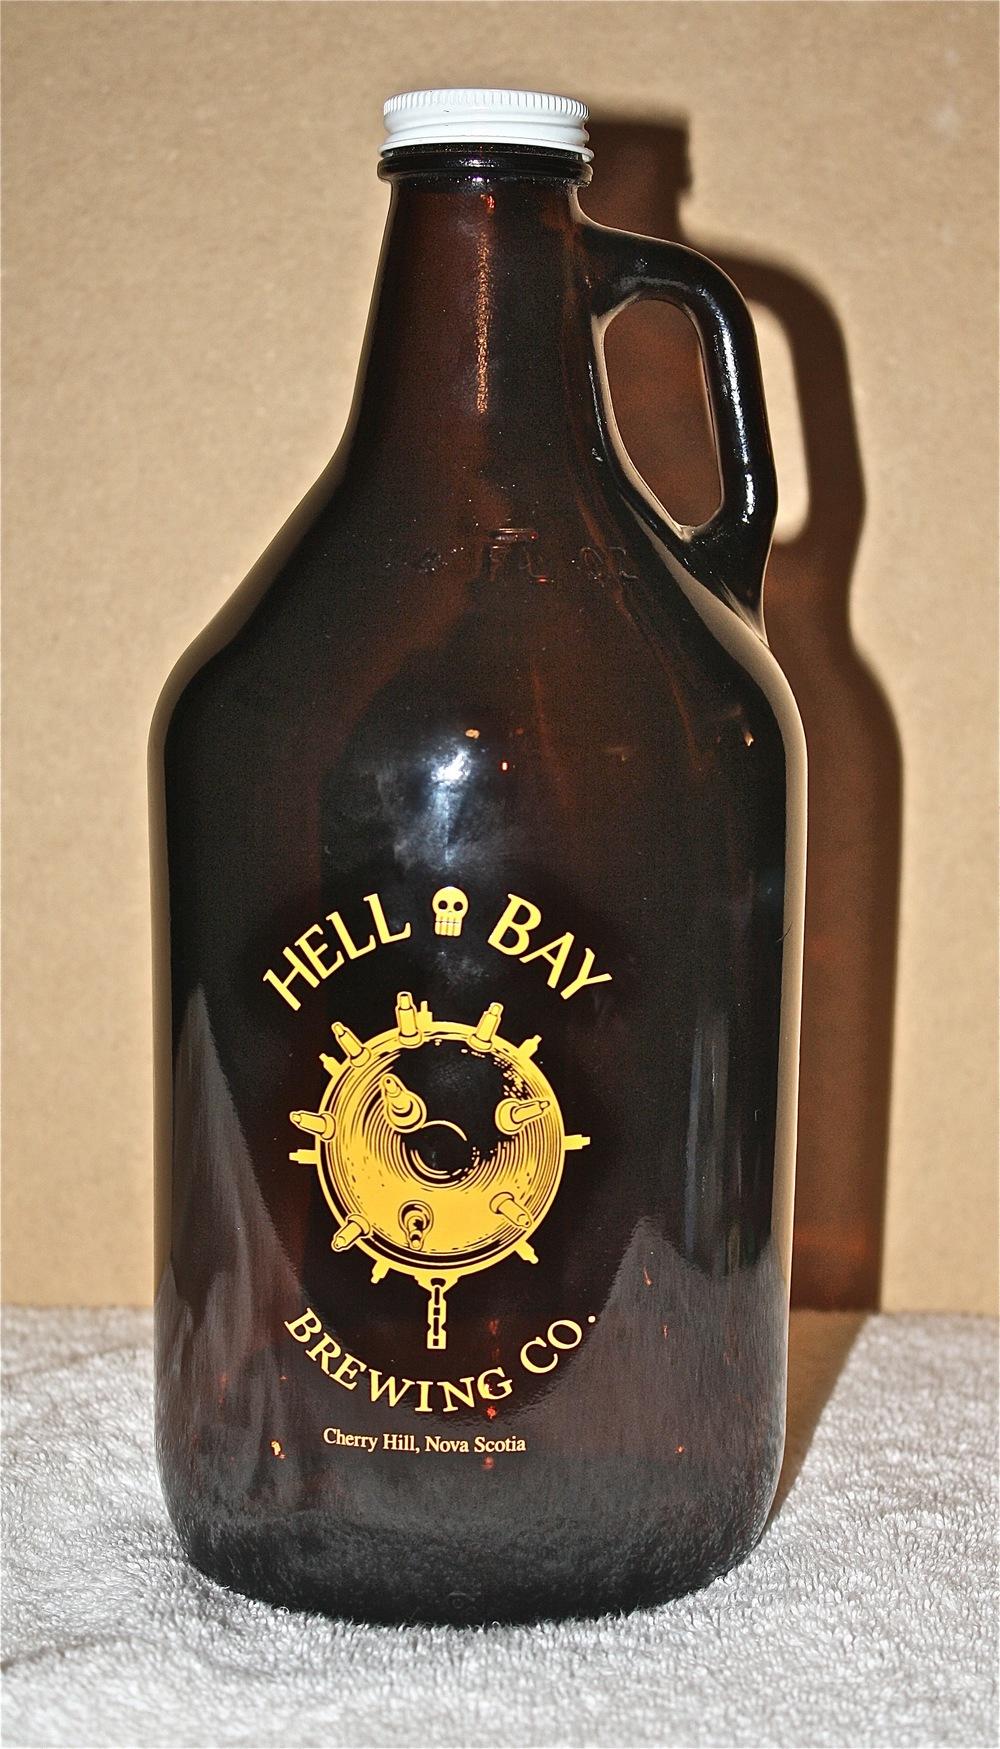 GR - Hell Bay Brewing (NS).jpg